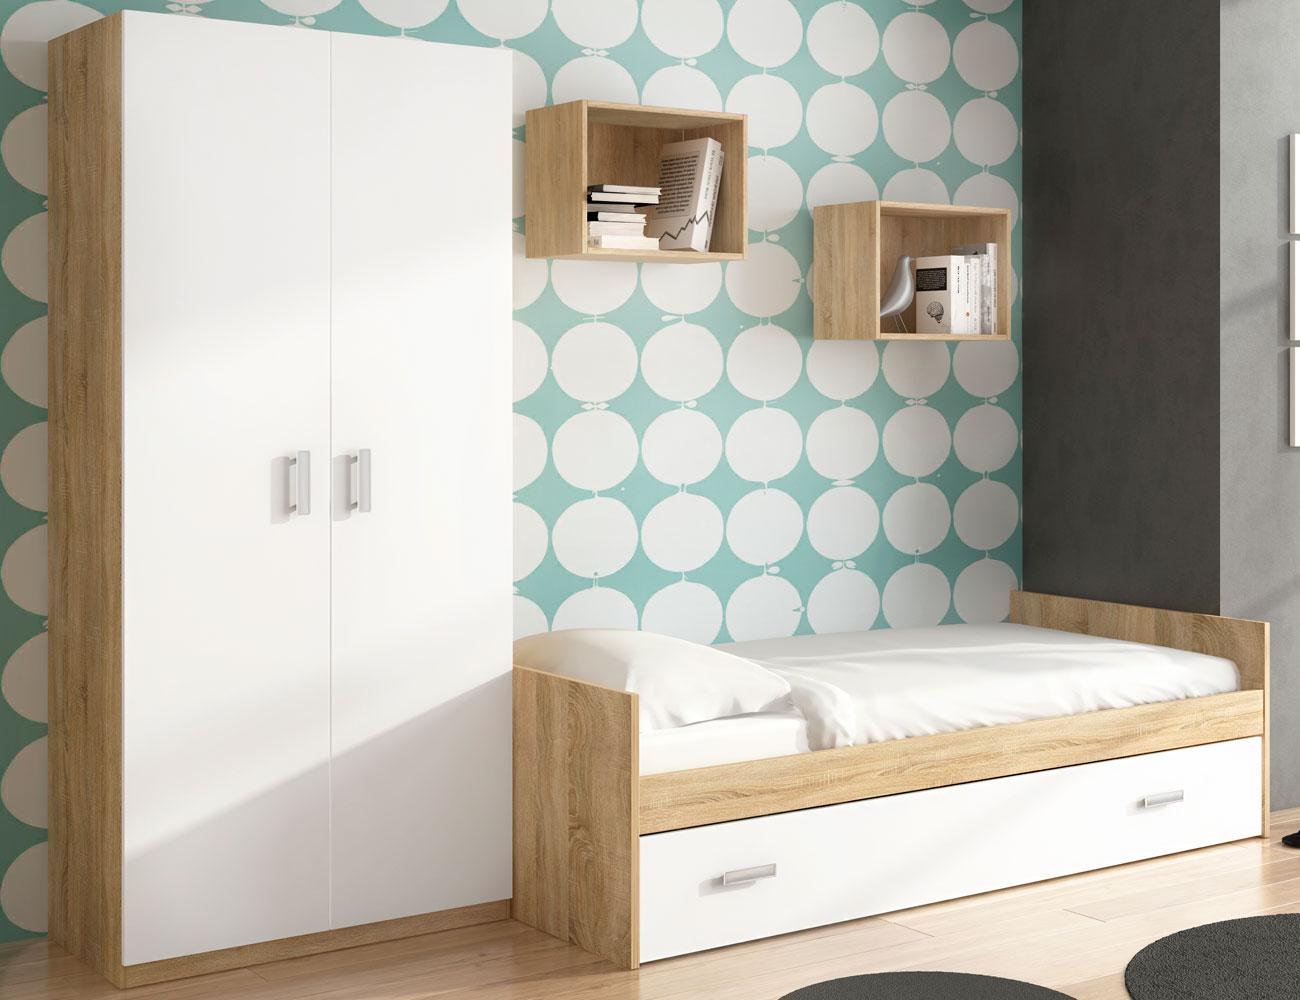 Dormitorio juvenil con cama nido y armario con 2 estantes for Cama nido dormitorio juvenil